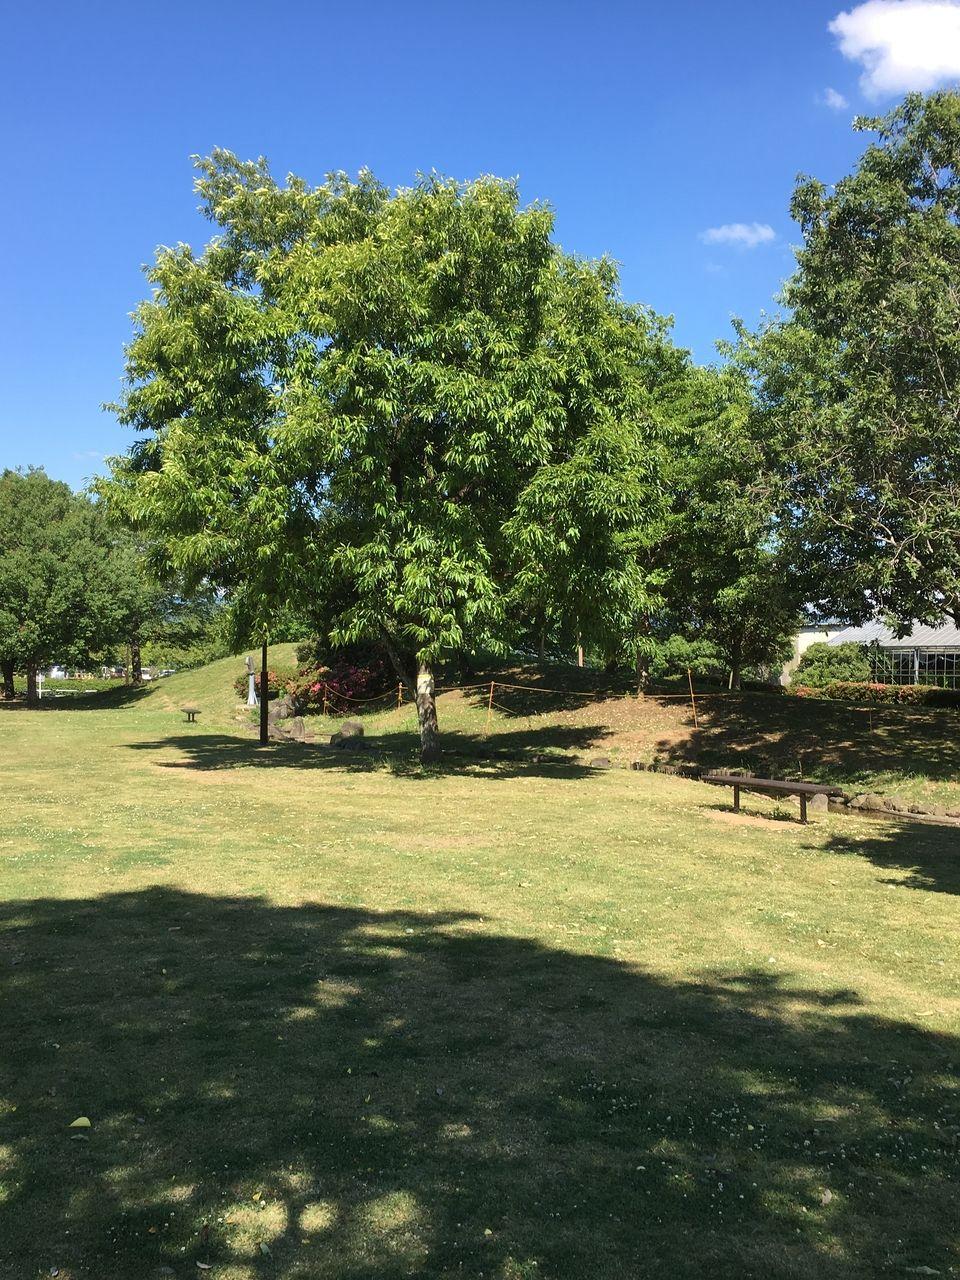 青空のもと広場にも木蔭のある初夏の秋津3丁目公園